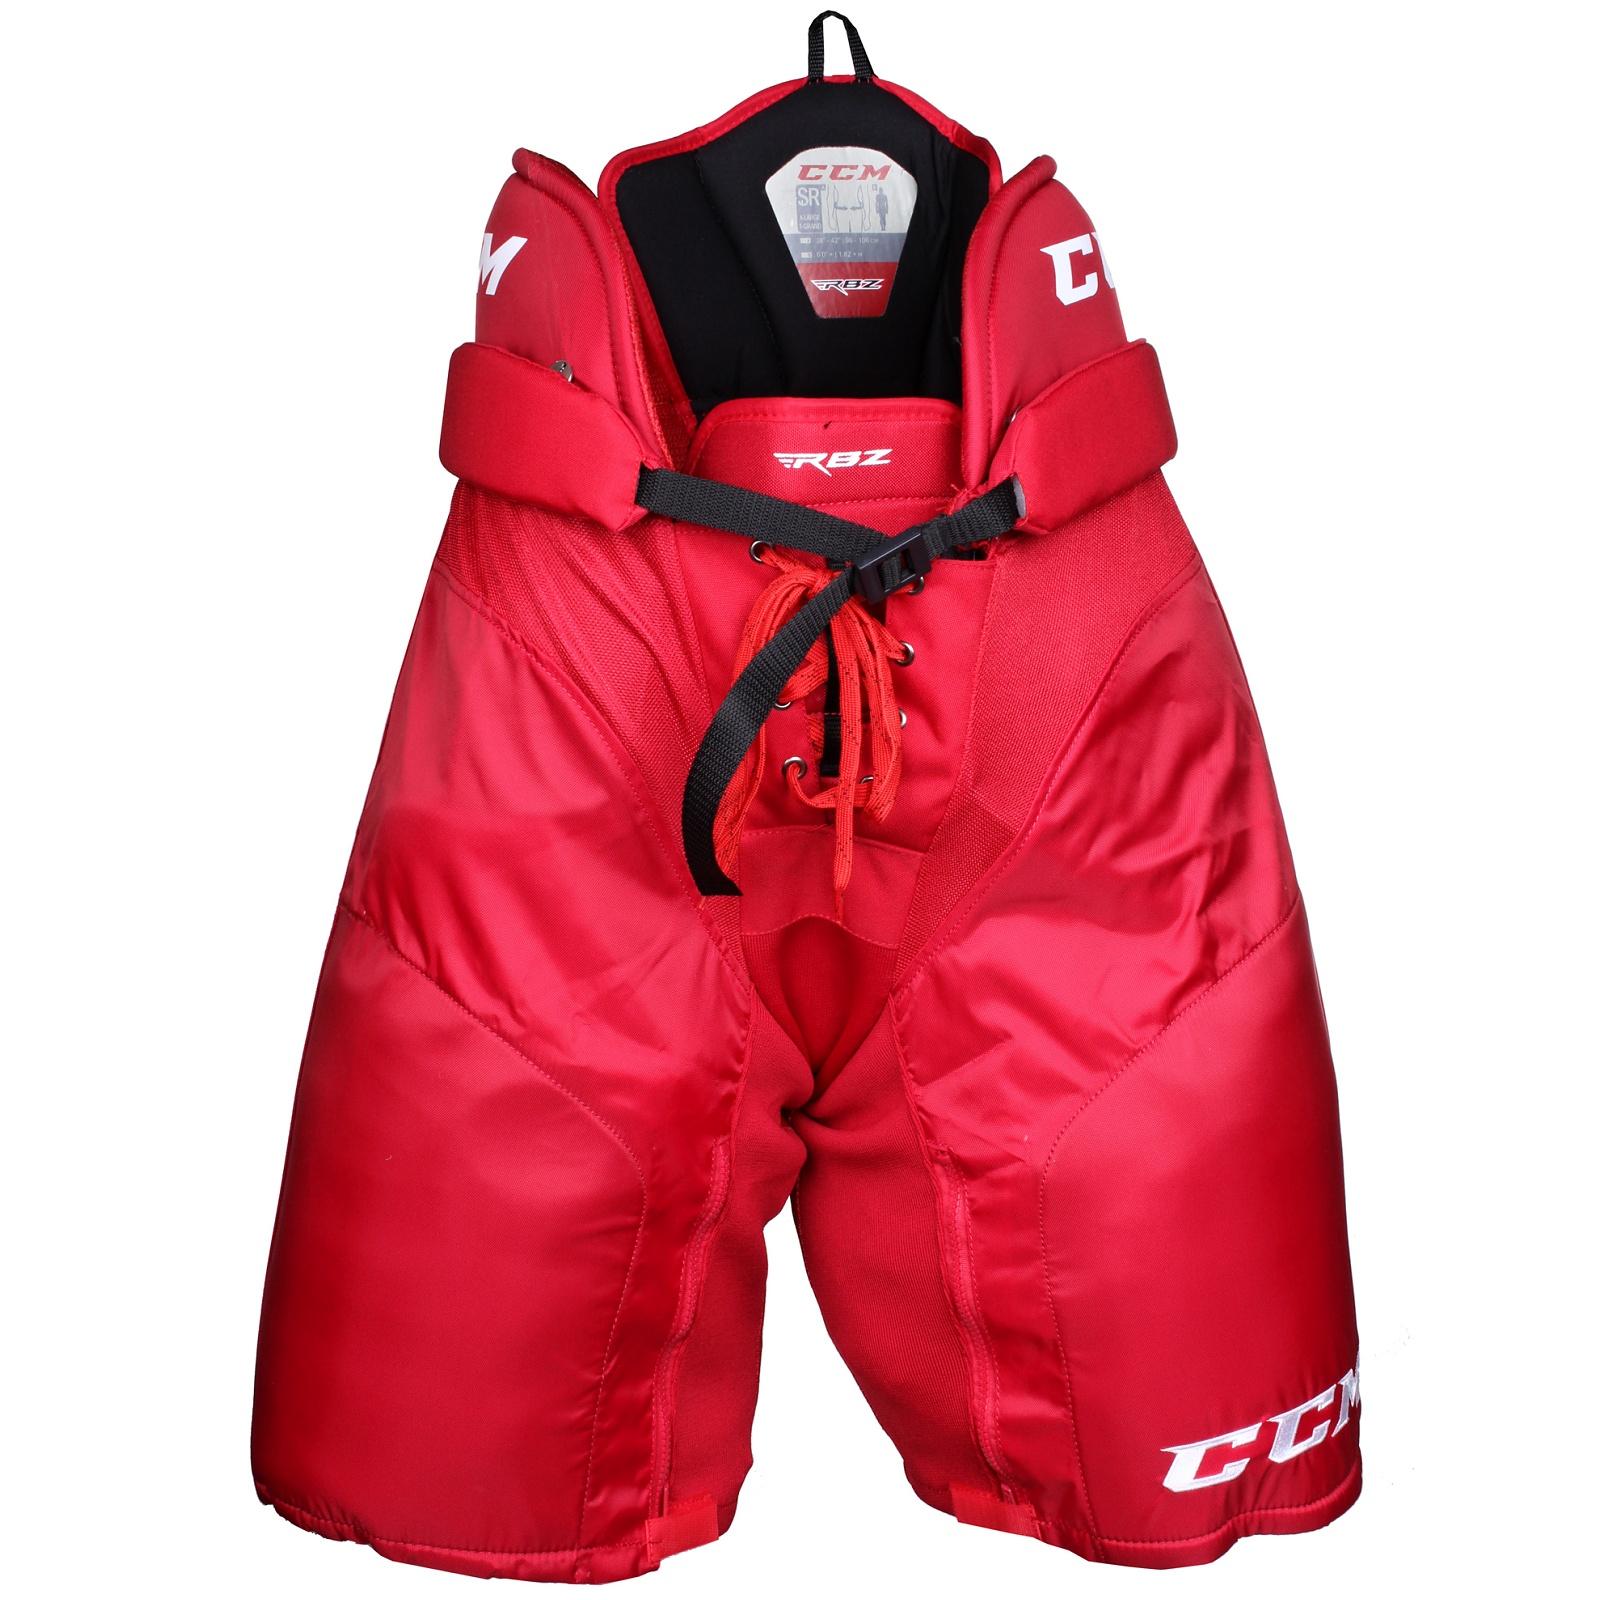 Kalhoty hráčské CCM RBZ 130 senior červené - vel. XL